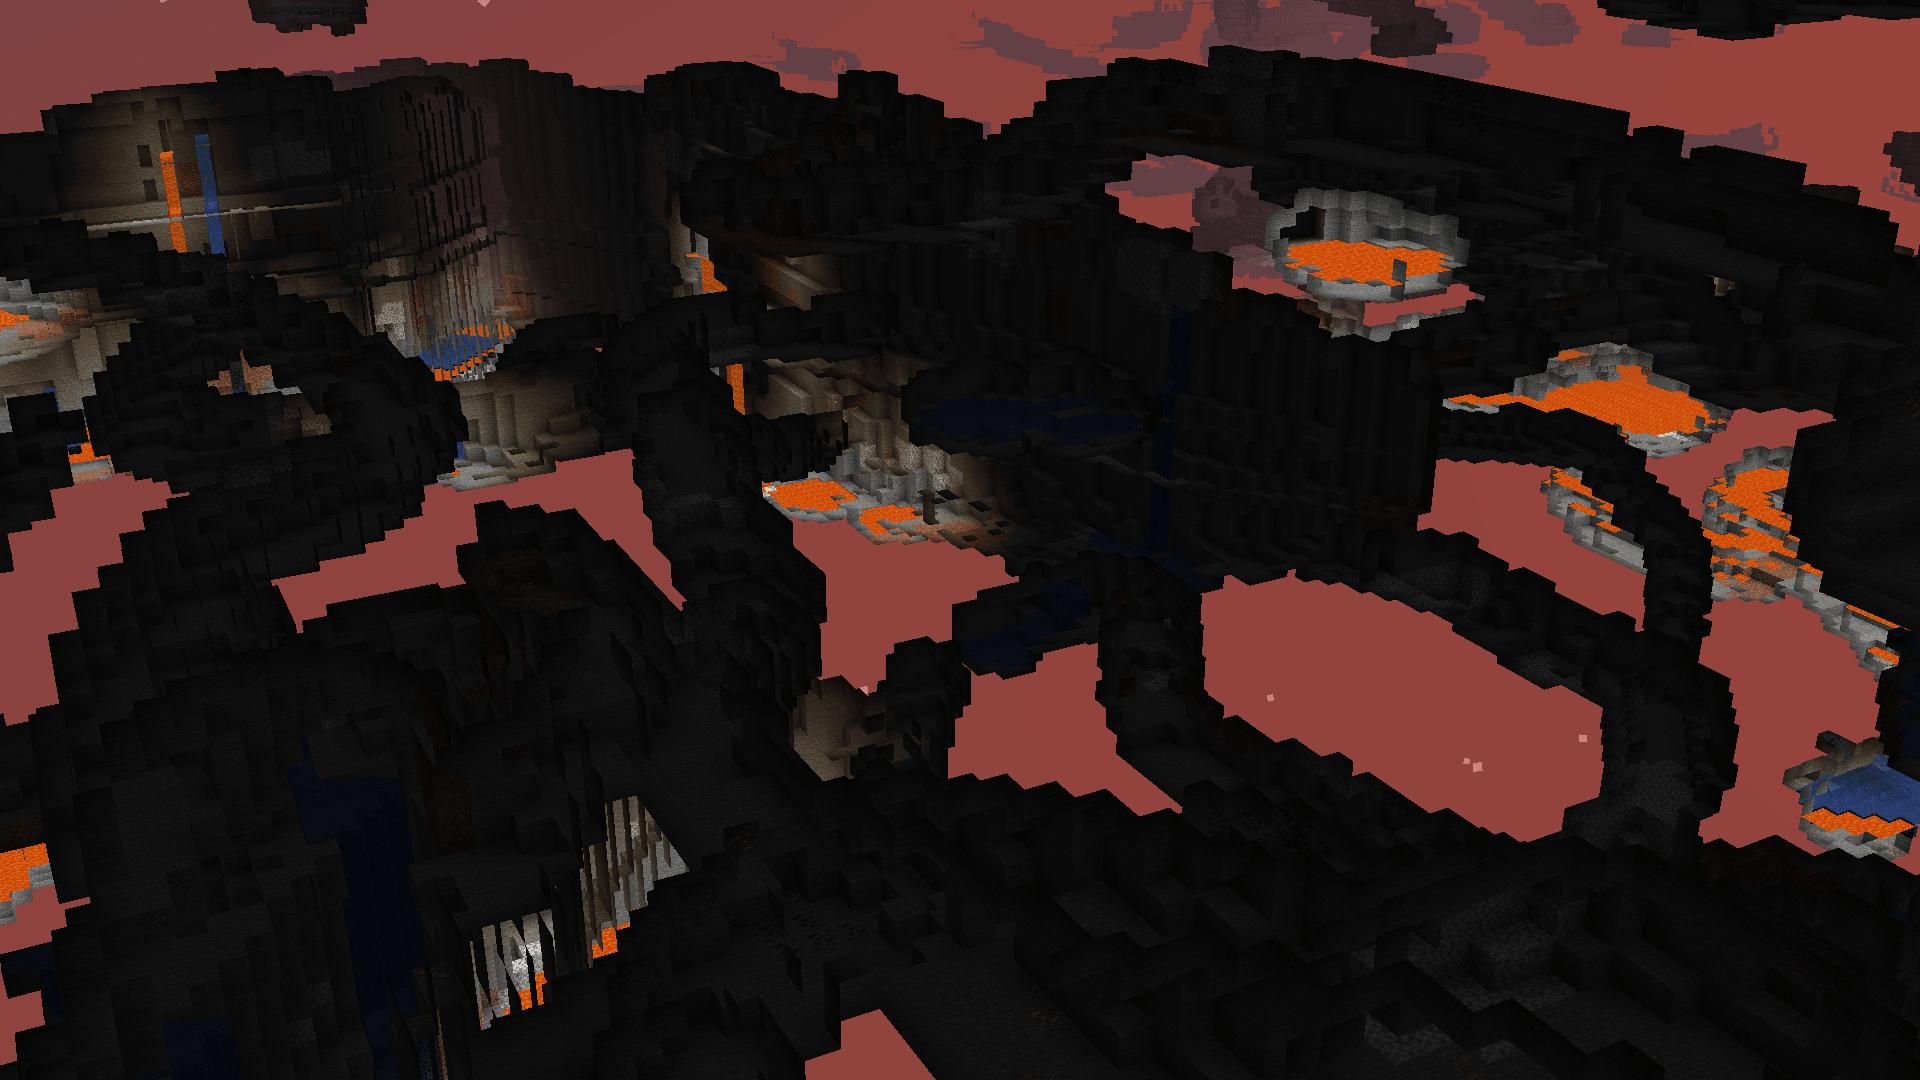 Questo è come si vede quando si guarda attraverso i blocchi in Minecraft. Si vedono solo le parti cave del mondo, come caverne e miniere.